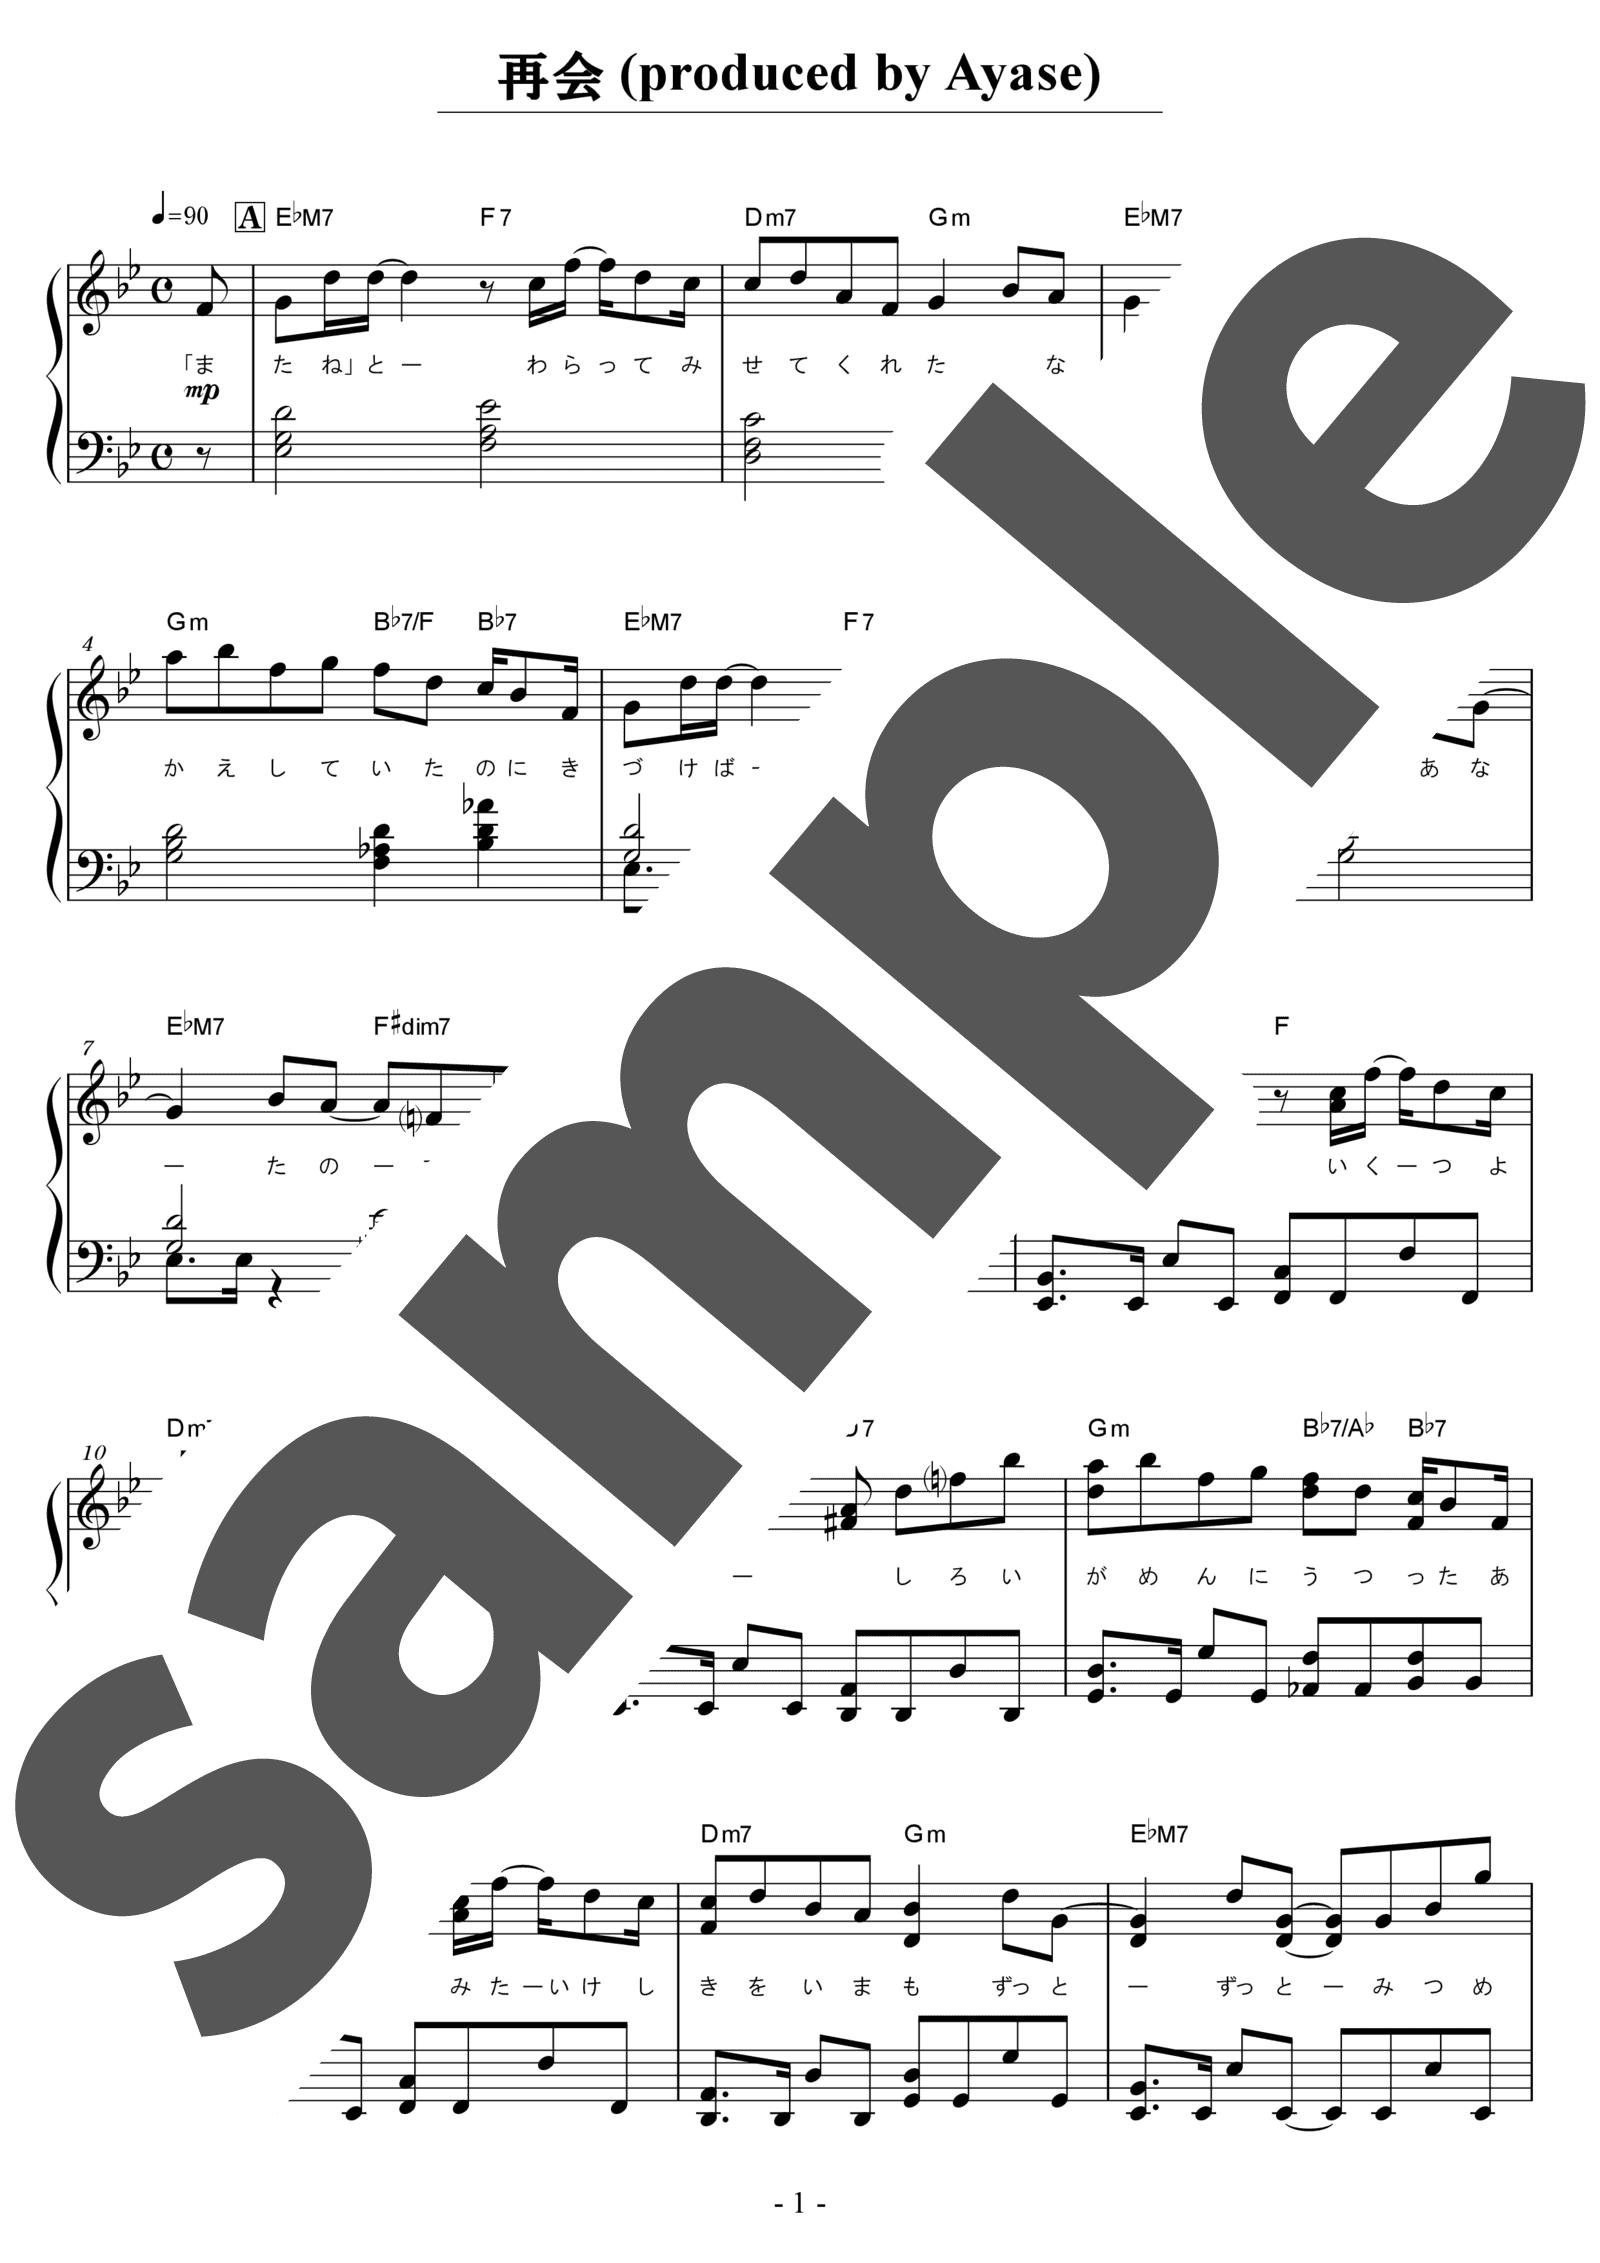 「再会 (produced by Ayase)」のサンプル楽譜